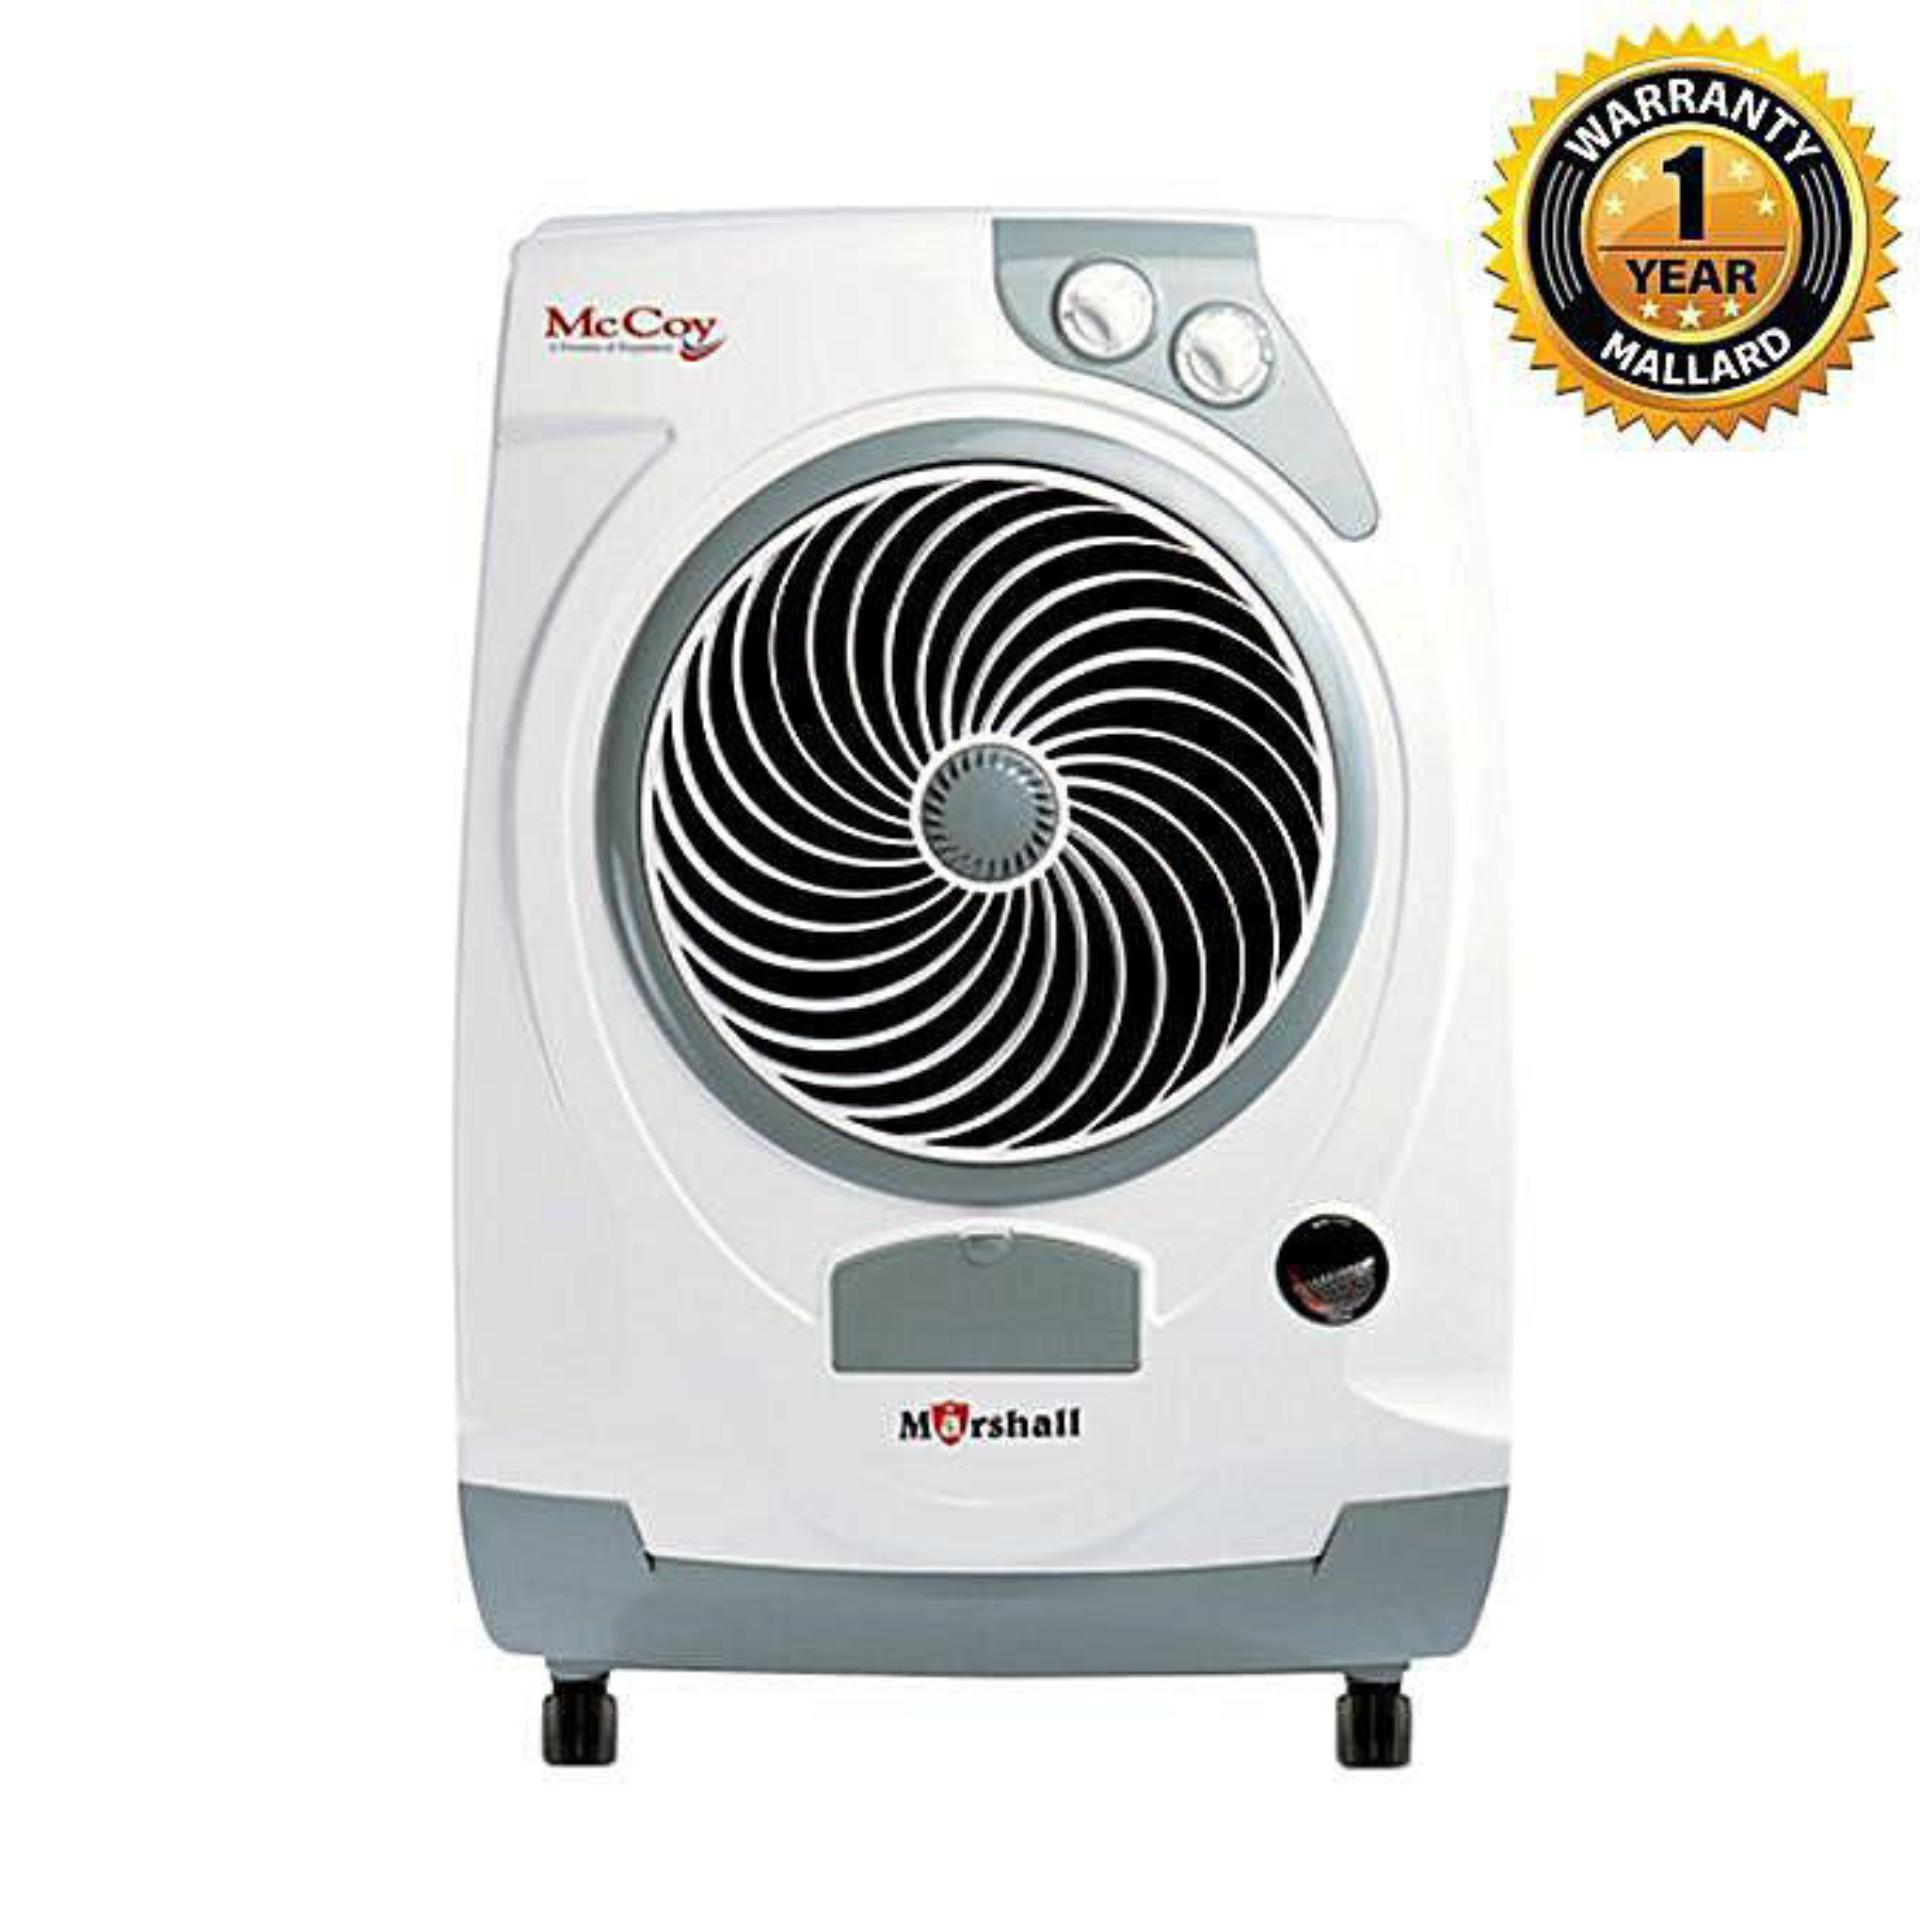 Marshall - Evaporative Air Cooler – 60 Liter - White & Black